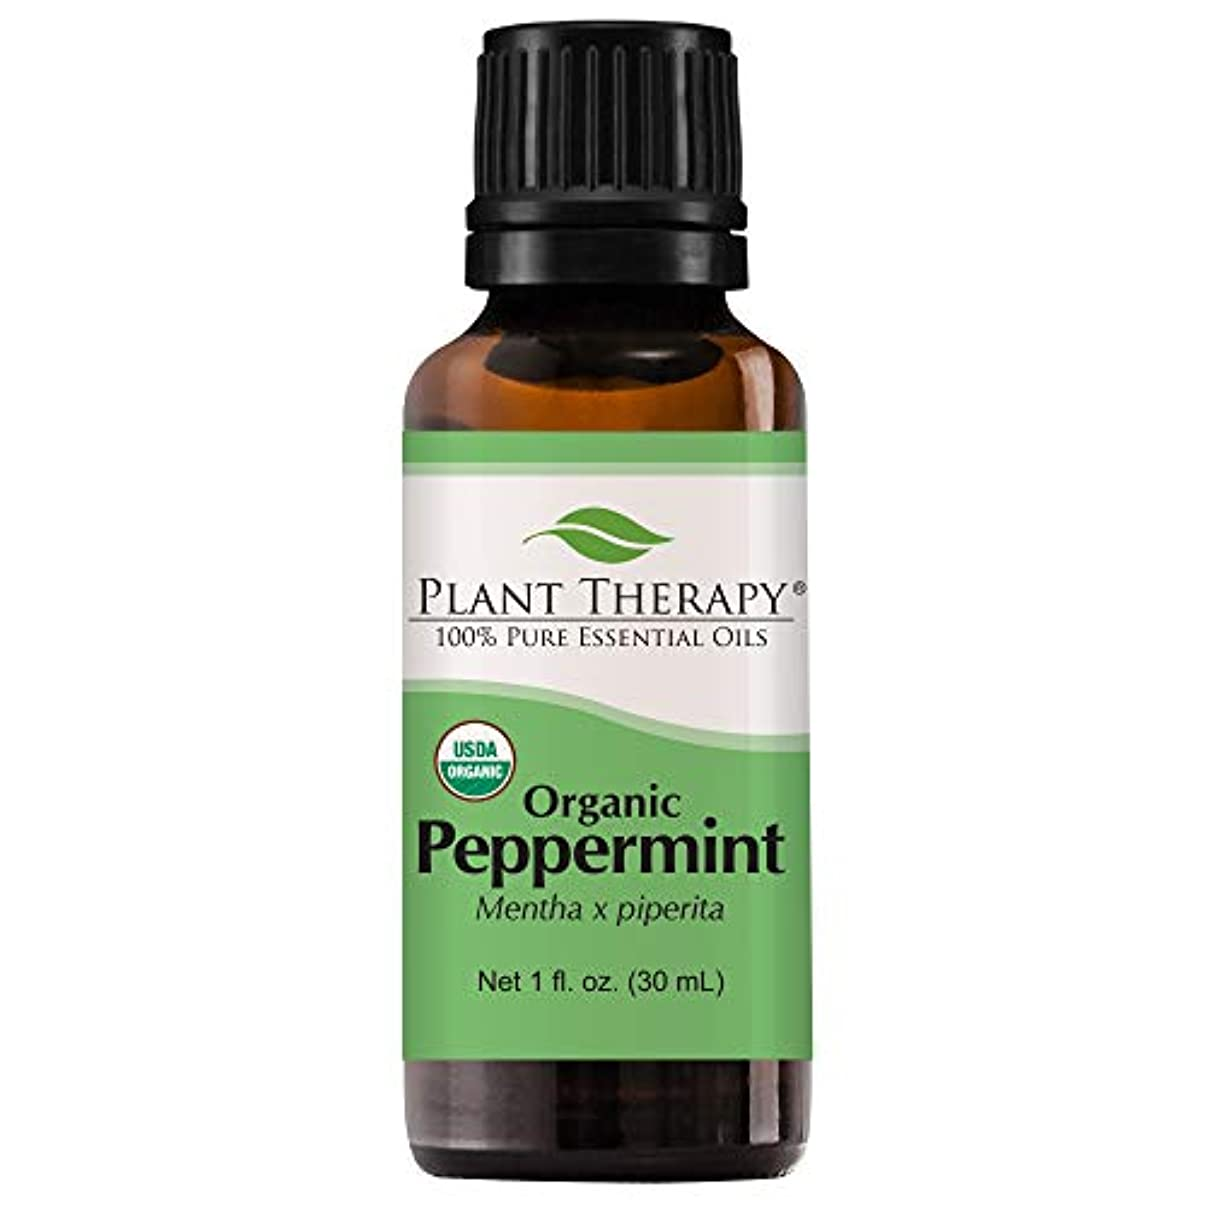 植物セラピーUSDA認定オーガニックペパーミントエッセンシャルオイル。 100%ピュア、希釈していない、治療グレード。 30mLの(1オンス)。